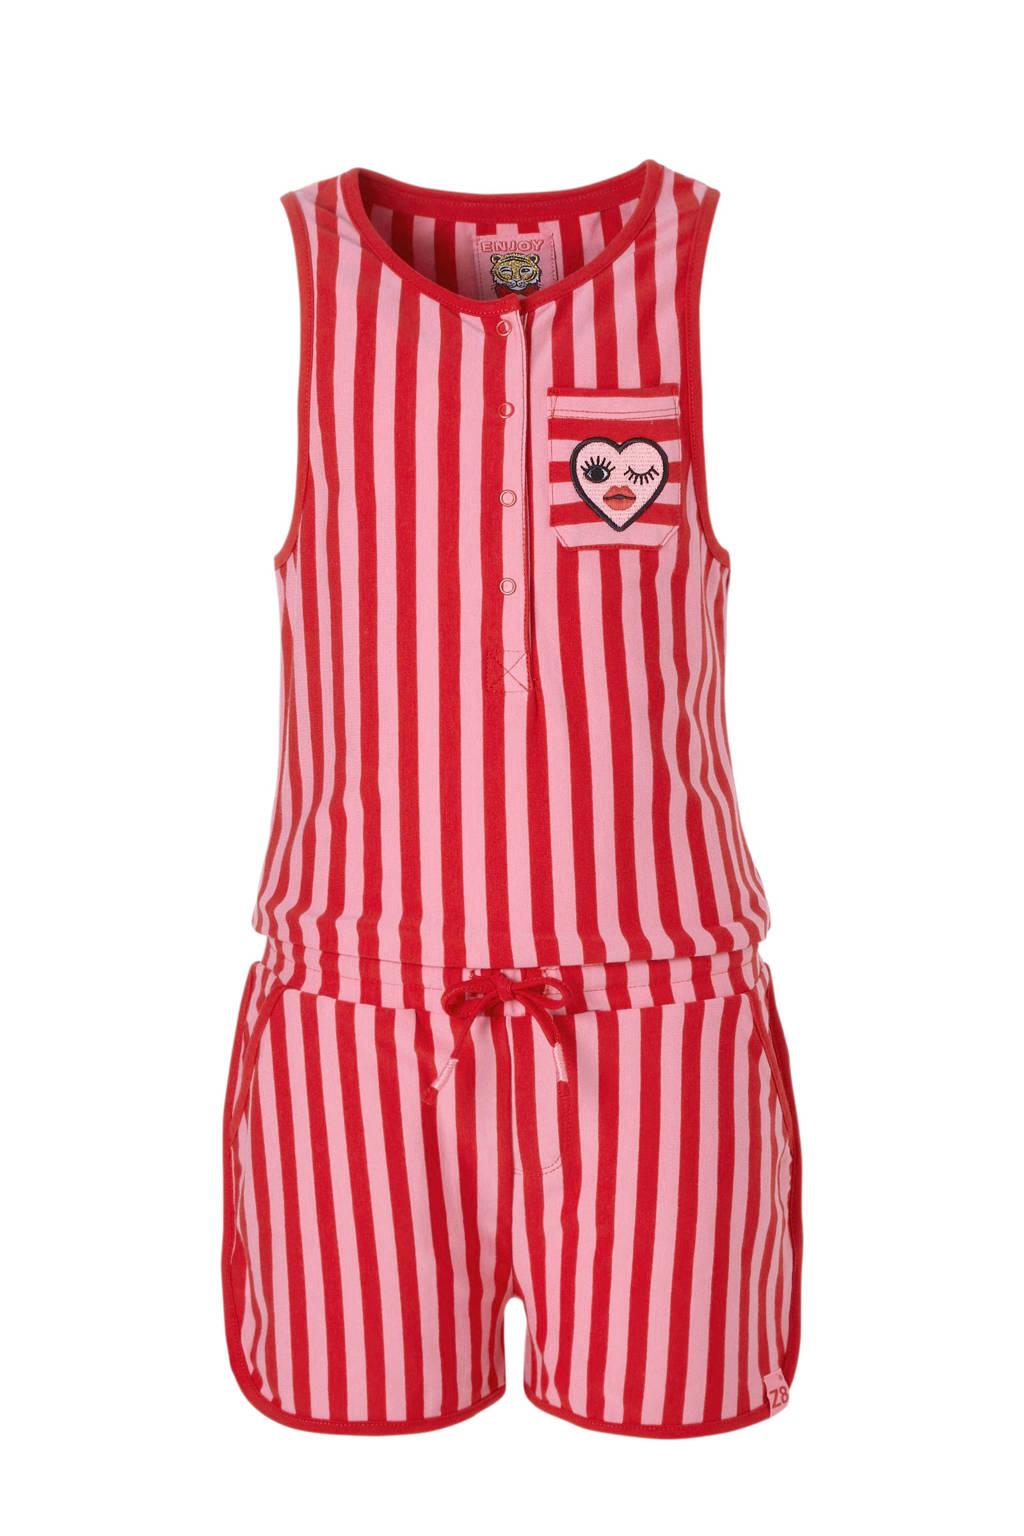 Z8 gestreepte jumpsuit Emily met hartje rood, Rood/roze